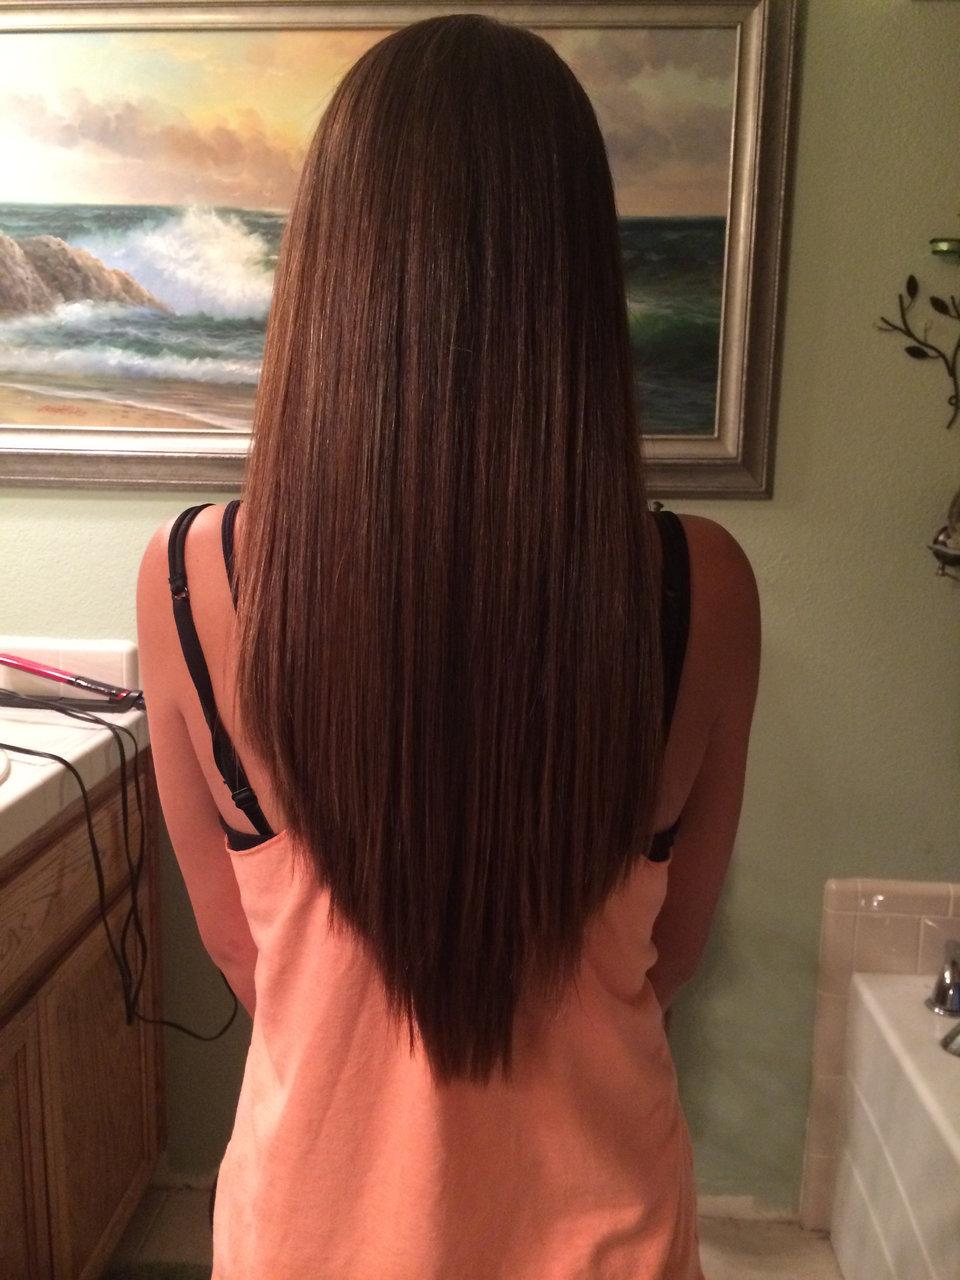 V-образная стрижка - мода для длинных волос